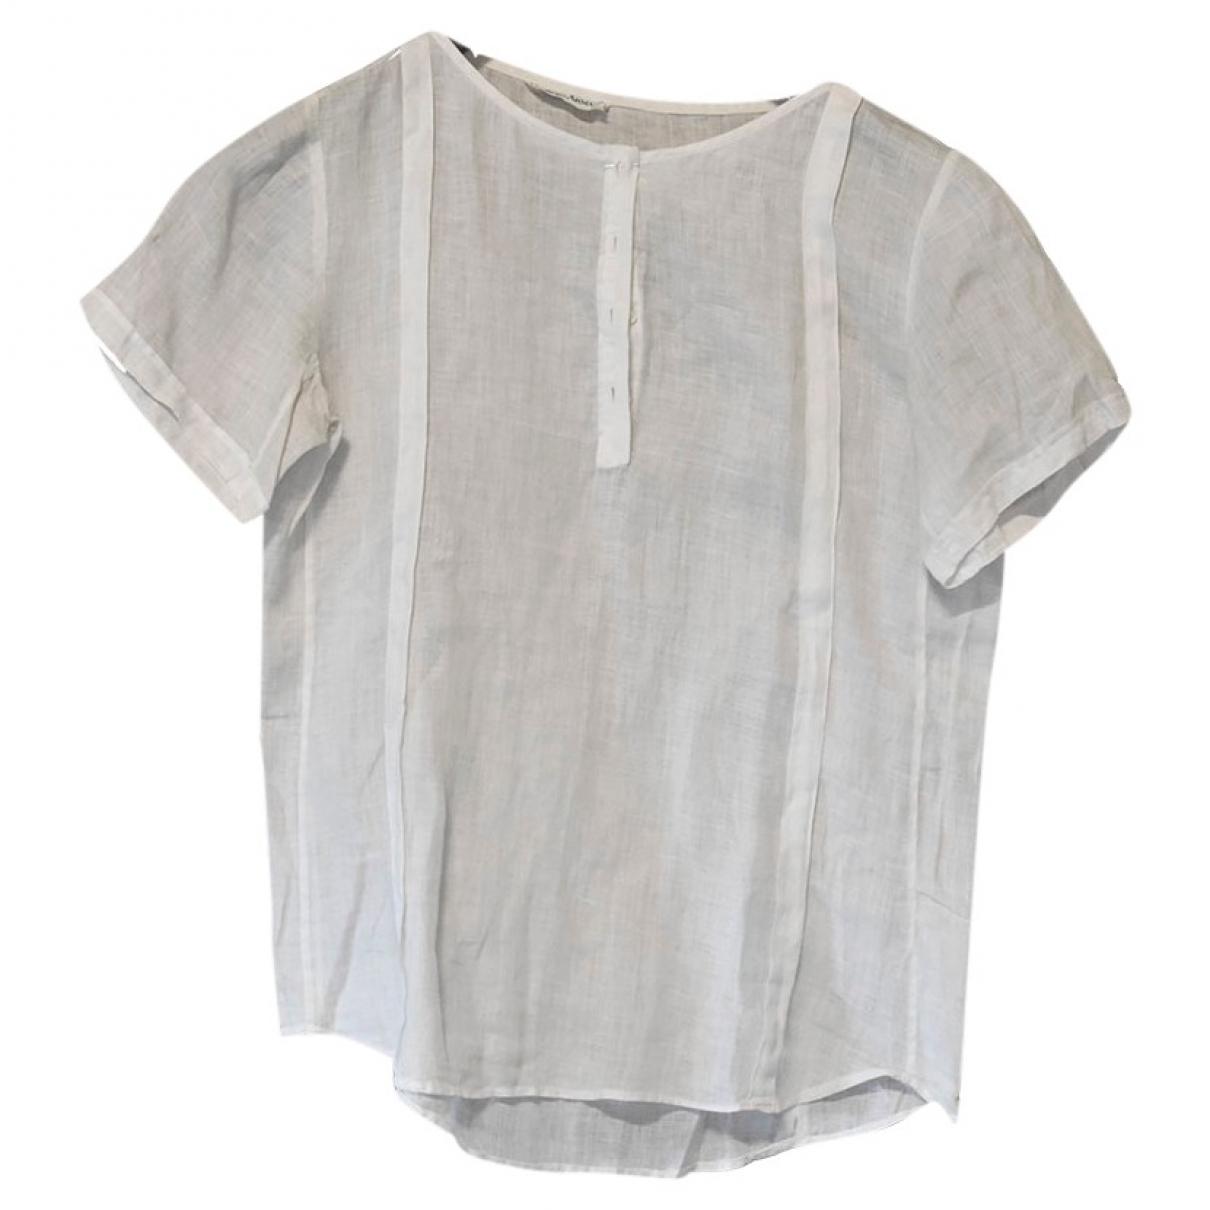 Giorgio Armani - Top   pour femme en lin - blanc